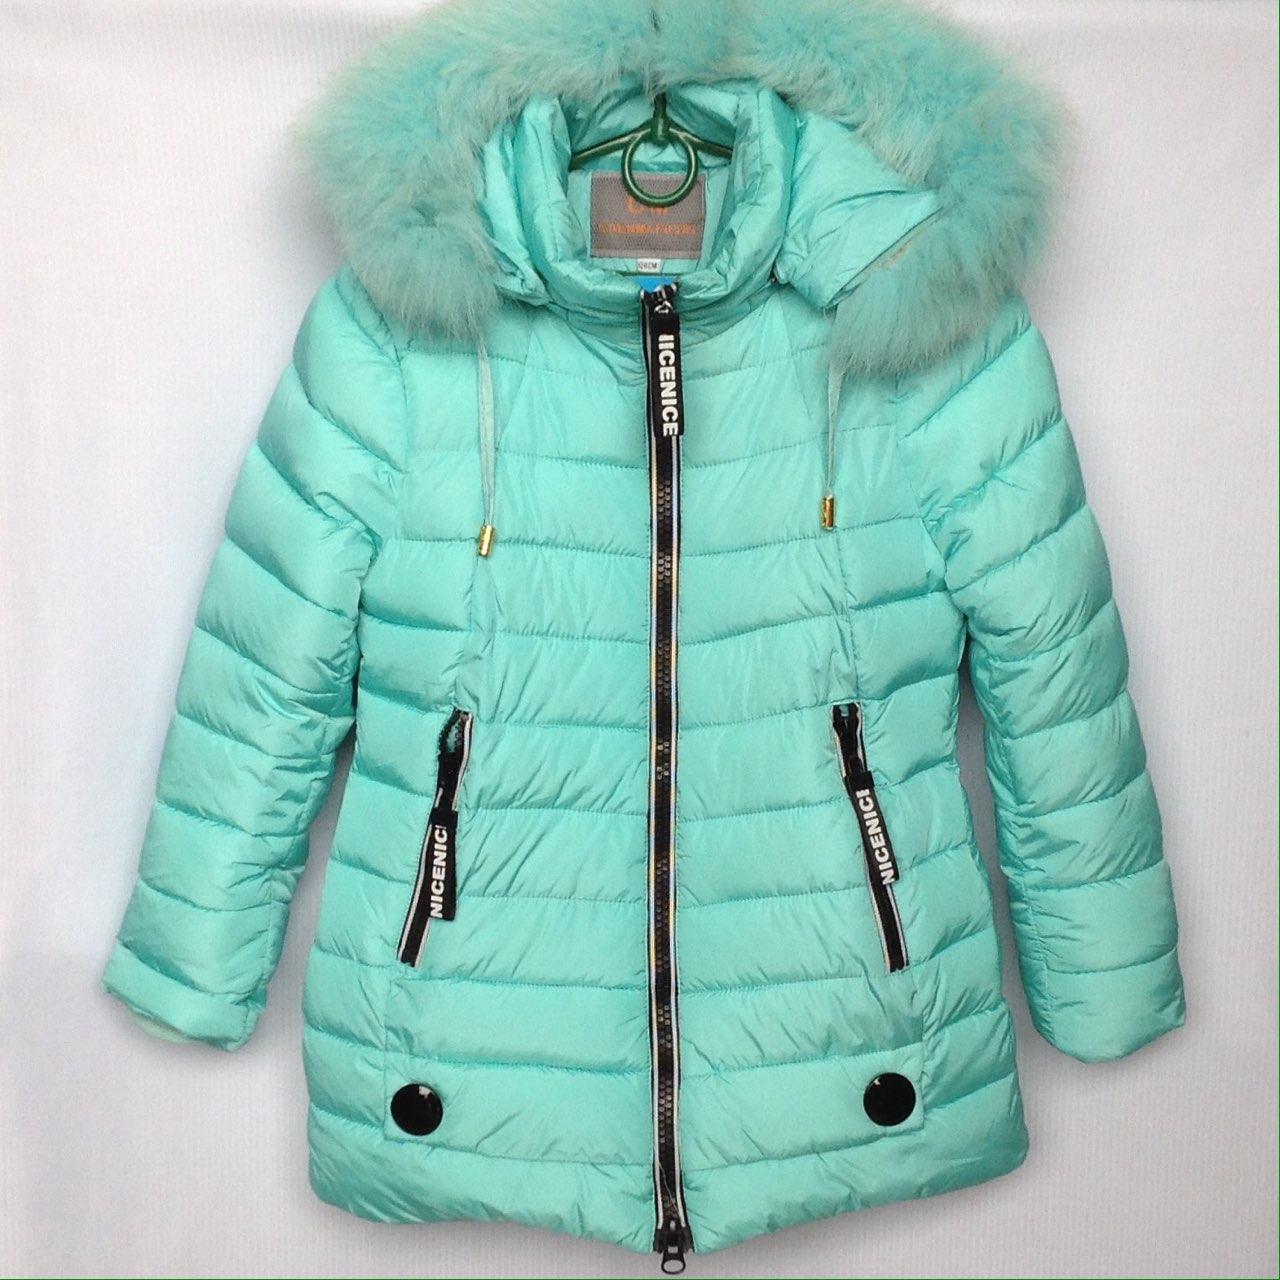 Куртка подростковая зимняя Nice реплика #HM-05 для девочек. 128-152 см (8-12 лет). Голубая. Оптом.